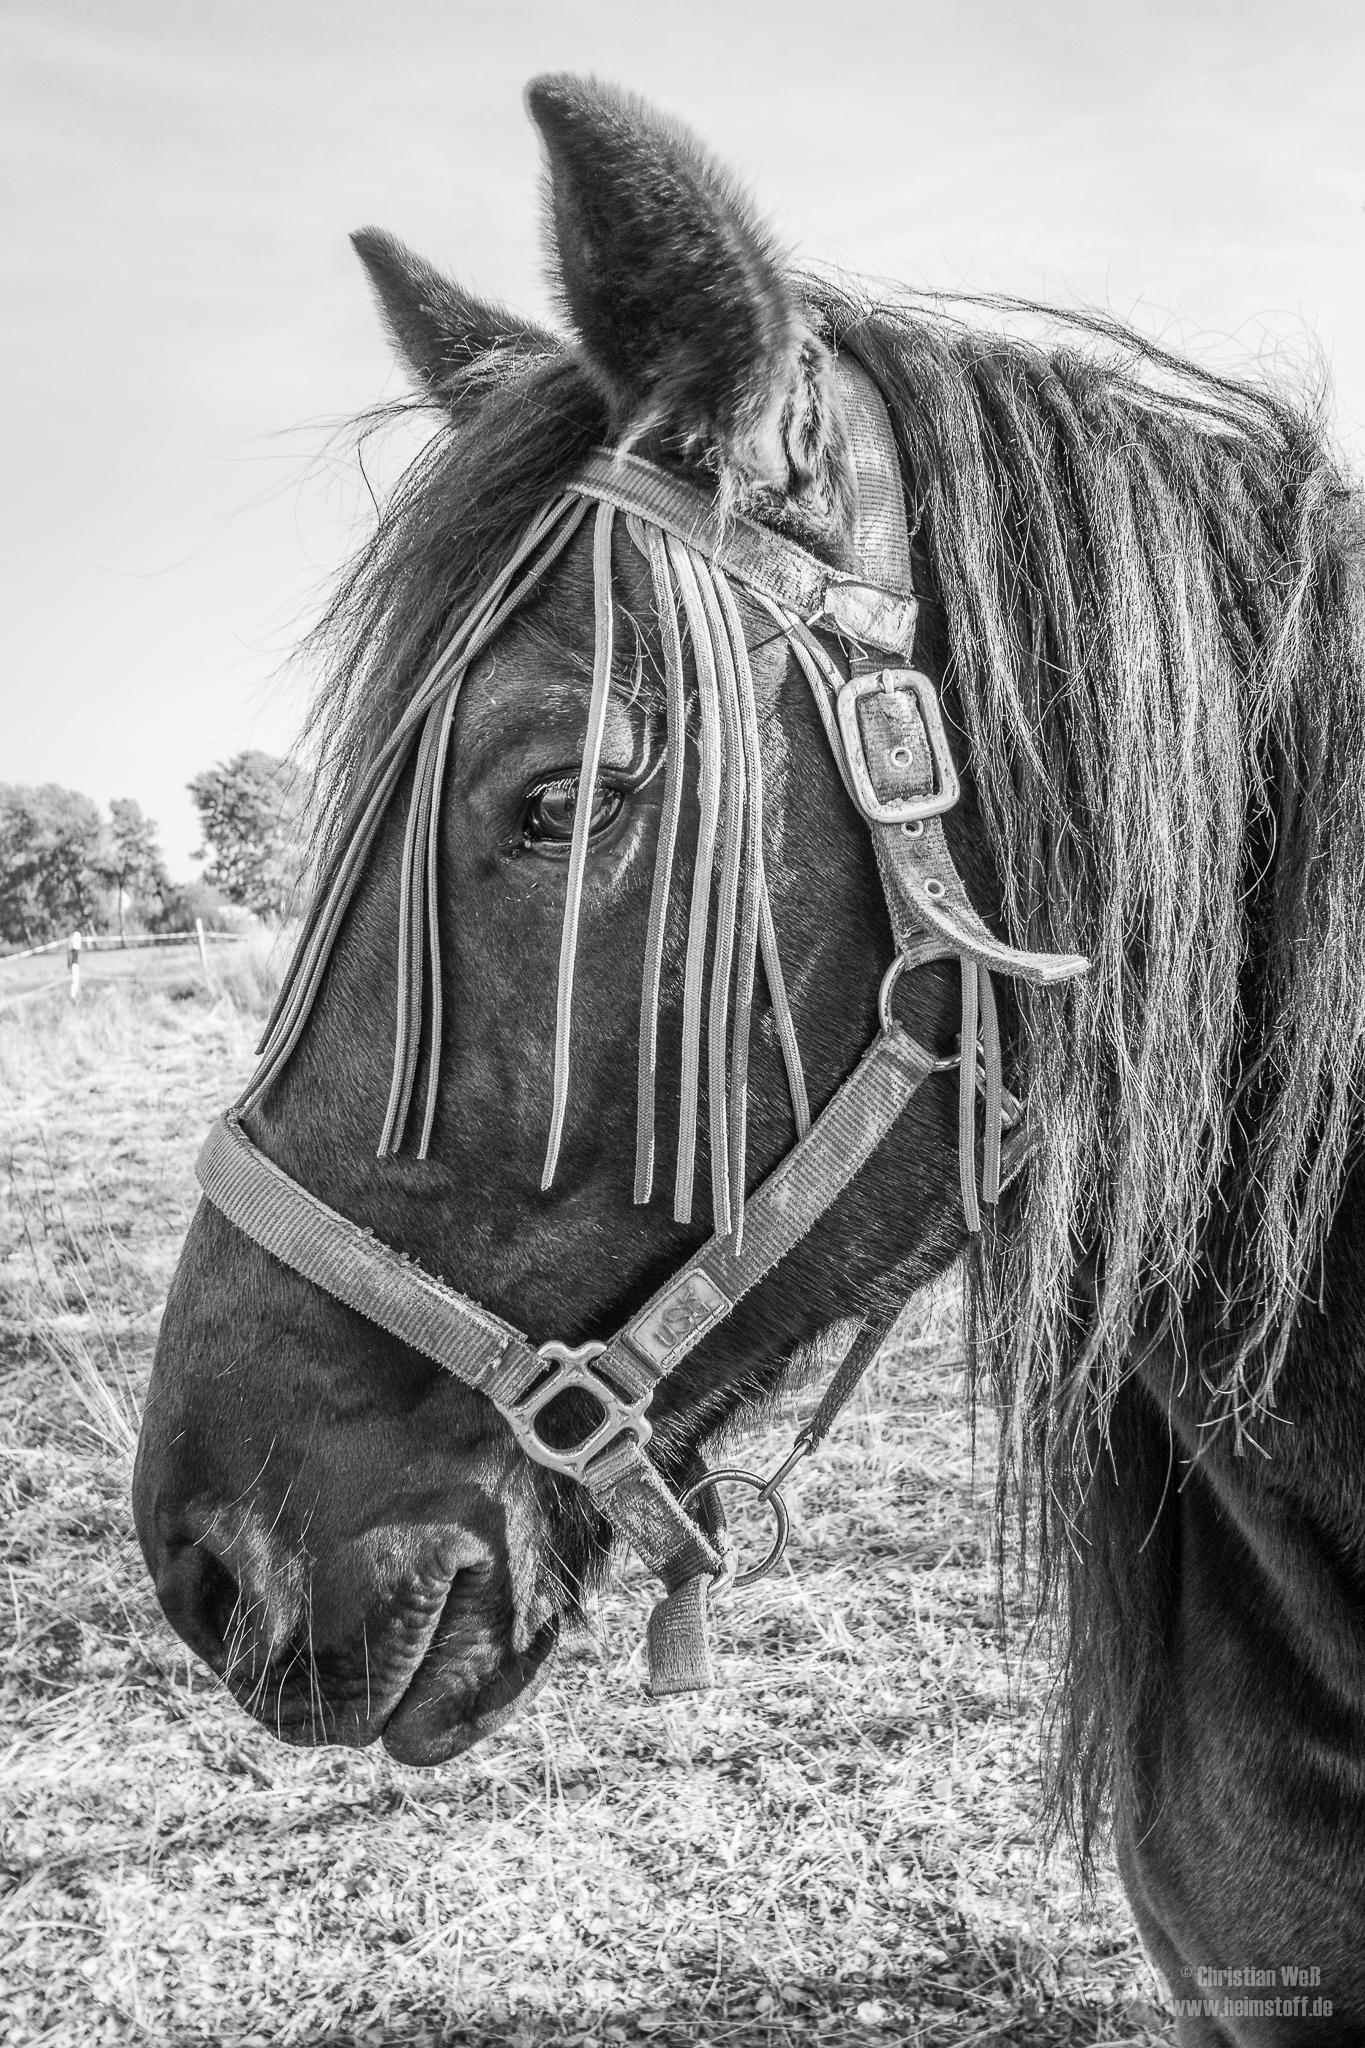 Das Hauspferd (Equus ferus caballus)